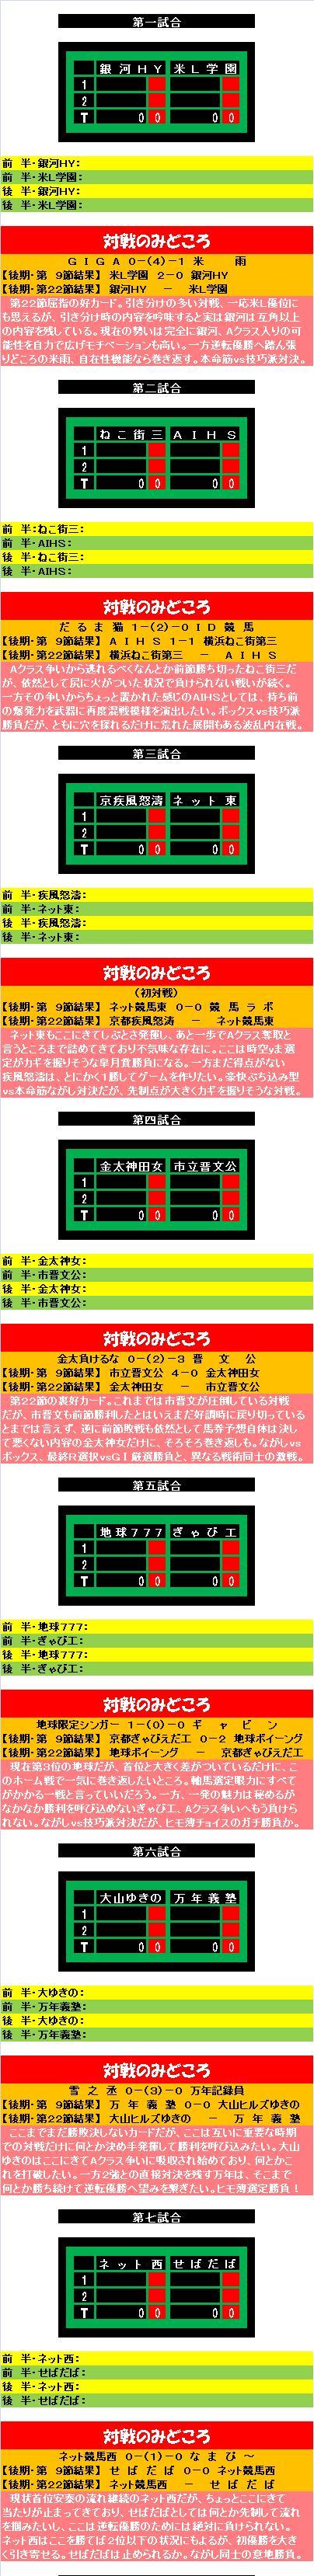 20160416・ダルマンリーグ第22節試合前見どころスコア⑧.jpg